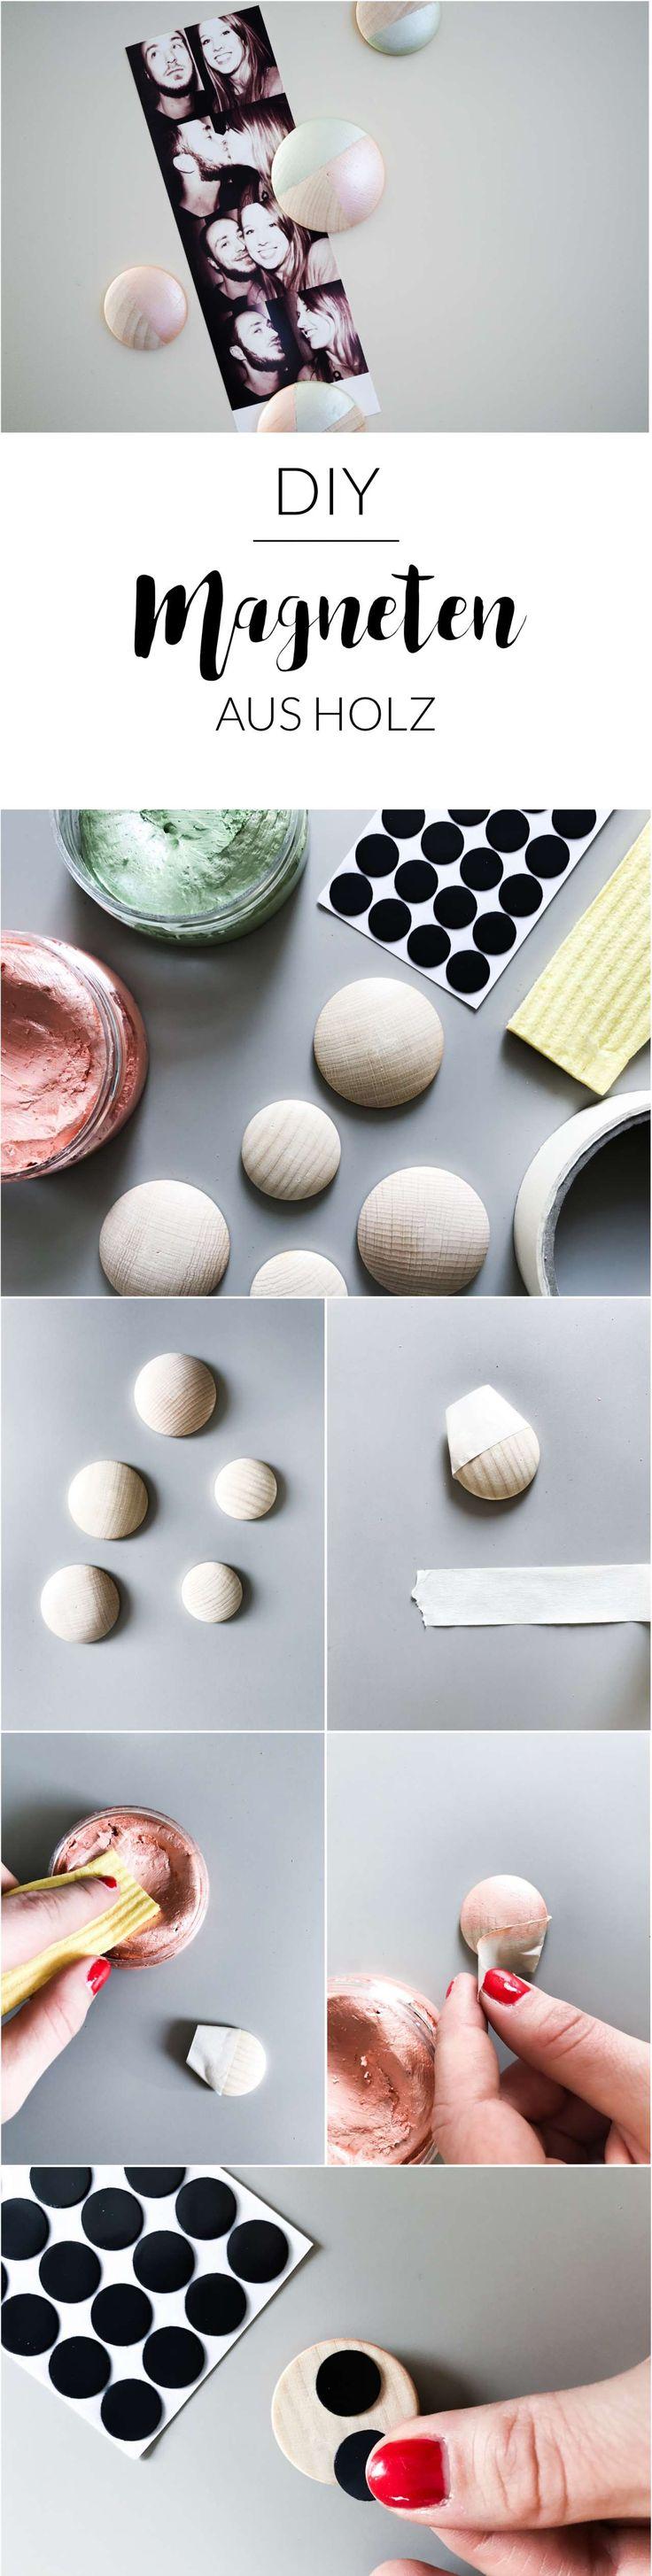 Easy peasy Holzmagneten mit geometrischen Muster in Metallic-Pastellfarben ganz einfach selber machen! Schau vorbei! |Kühlschrankmagneten selber machen | Magneten selber machen | DIY Idee Magneten aus Holz | Metallic | Geschenkidee selbstgemacht |DIY Deko | geometrisches Muster | Pastellfarben | paulsvera